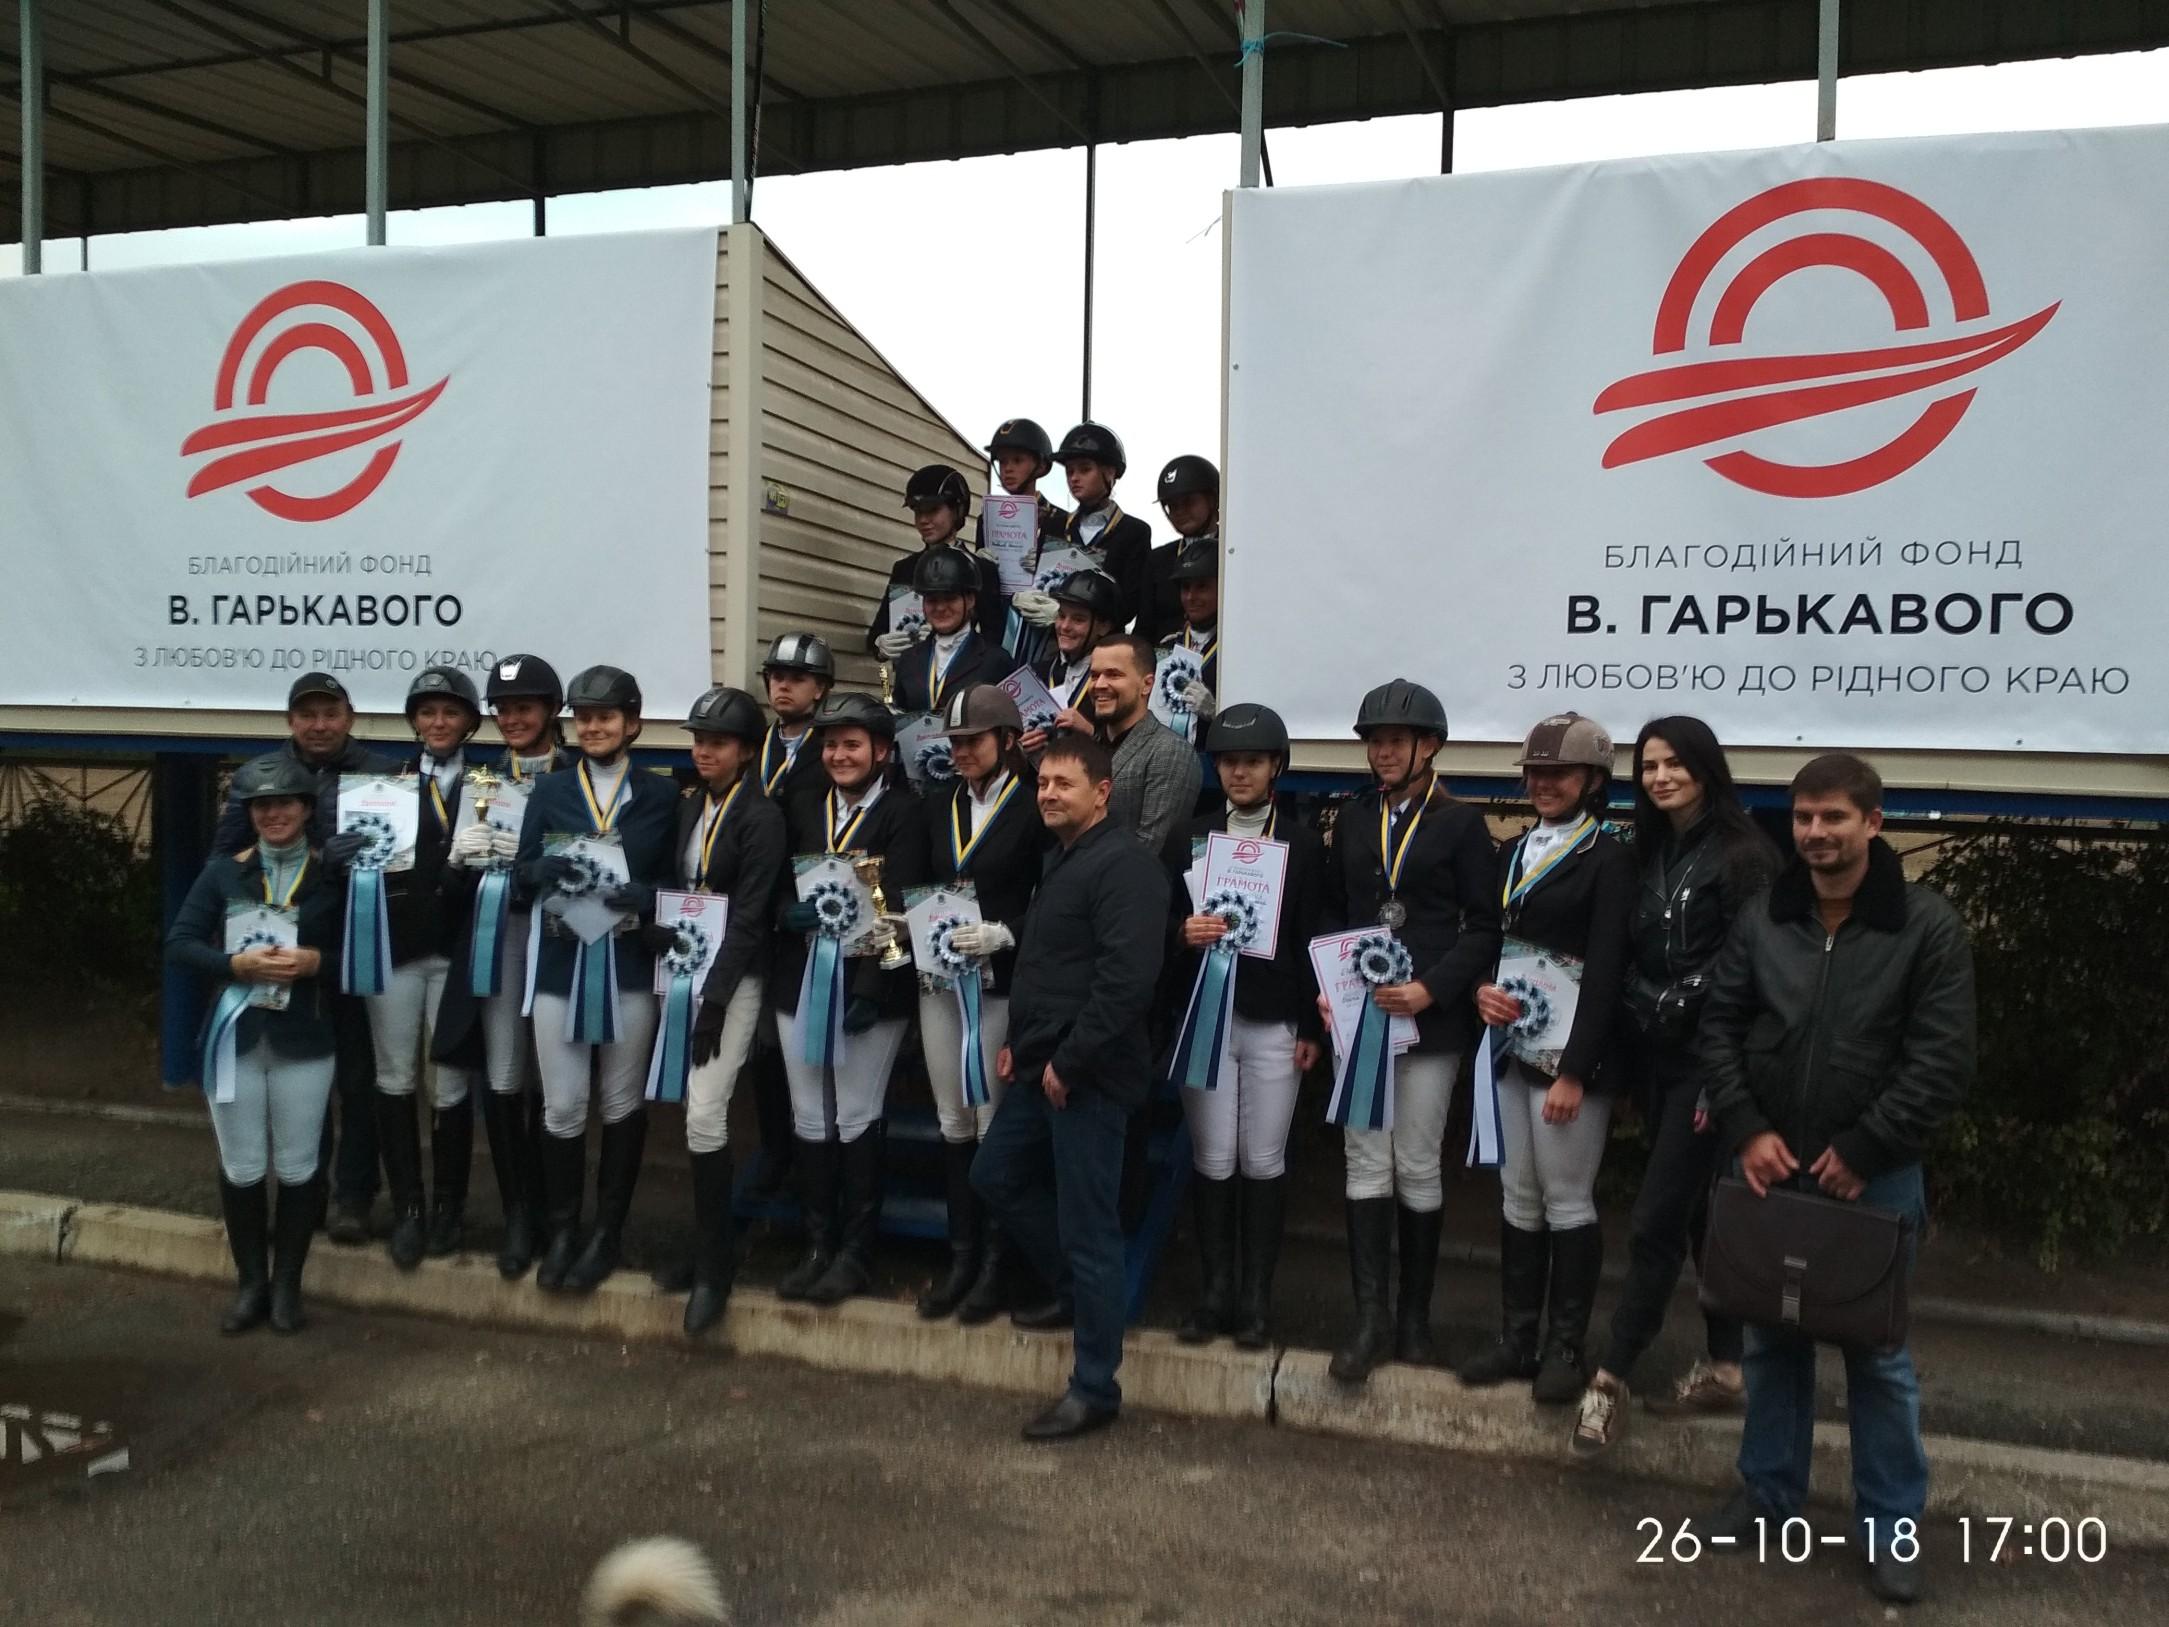 СДЮСШОР по конному спорту города Днепр чтит традиции_(выпуск журнала №42)